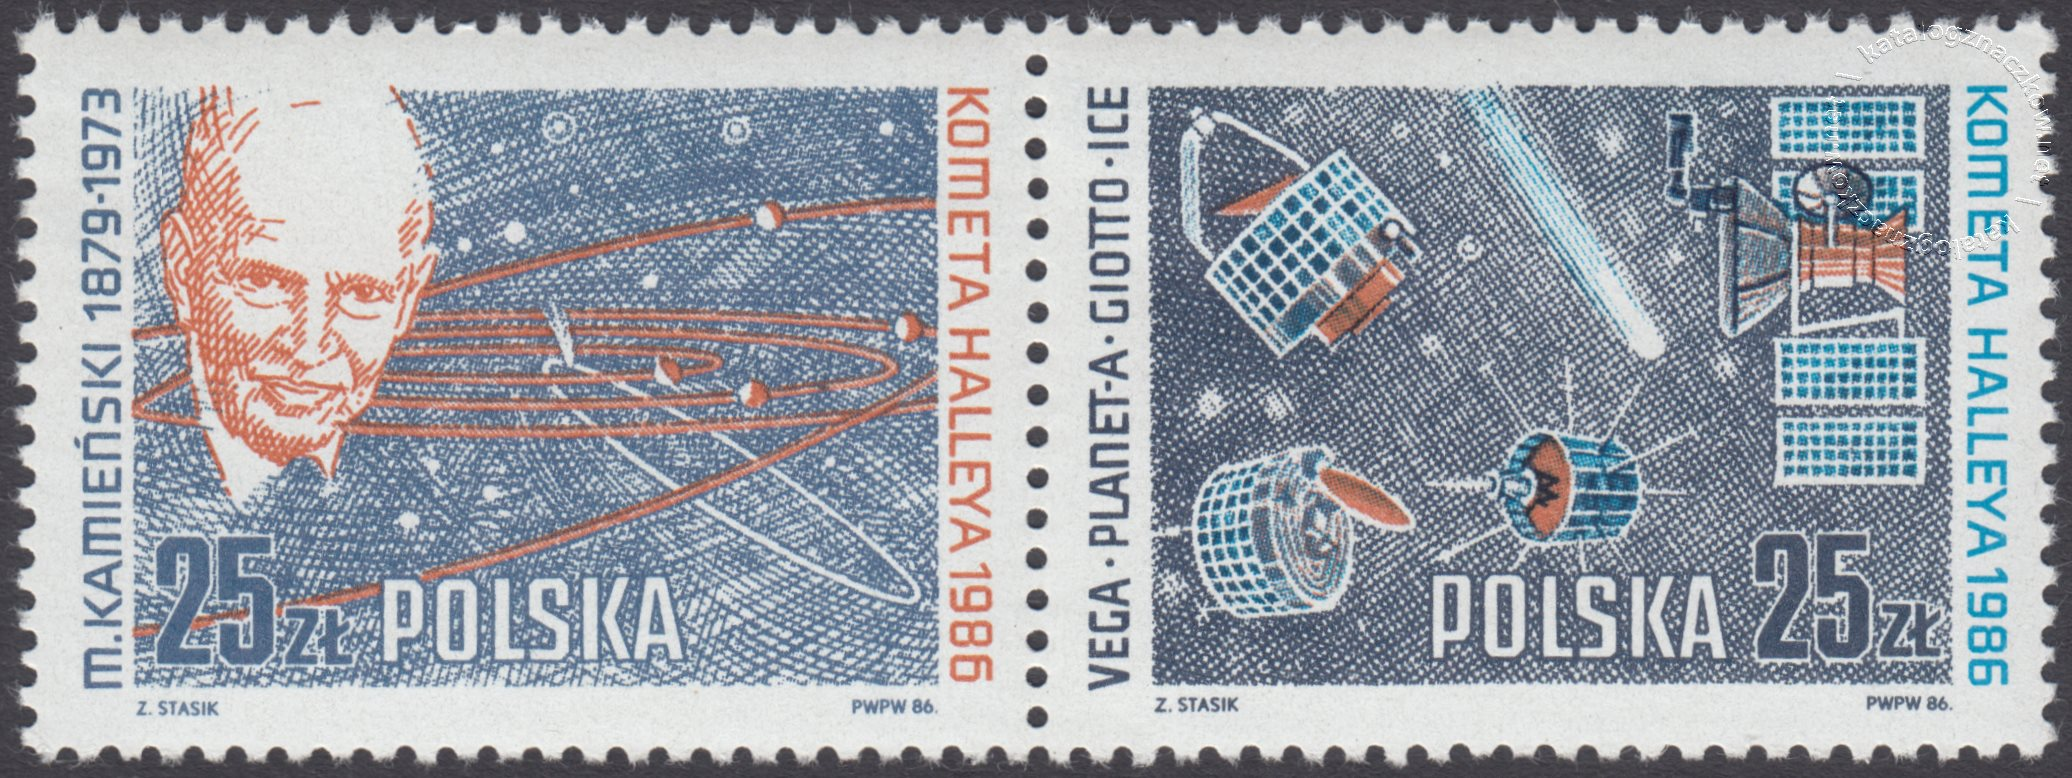 Kometa Halleya znaczki nr 2866-2867